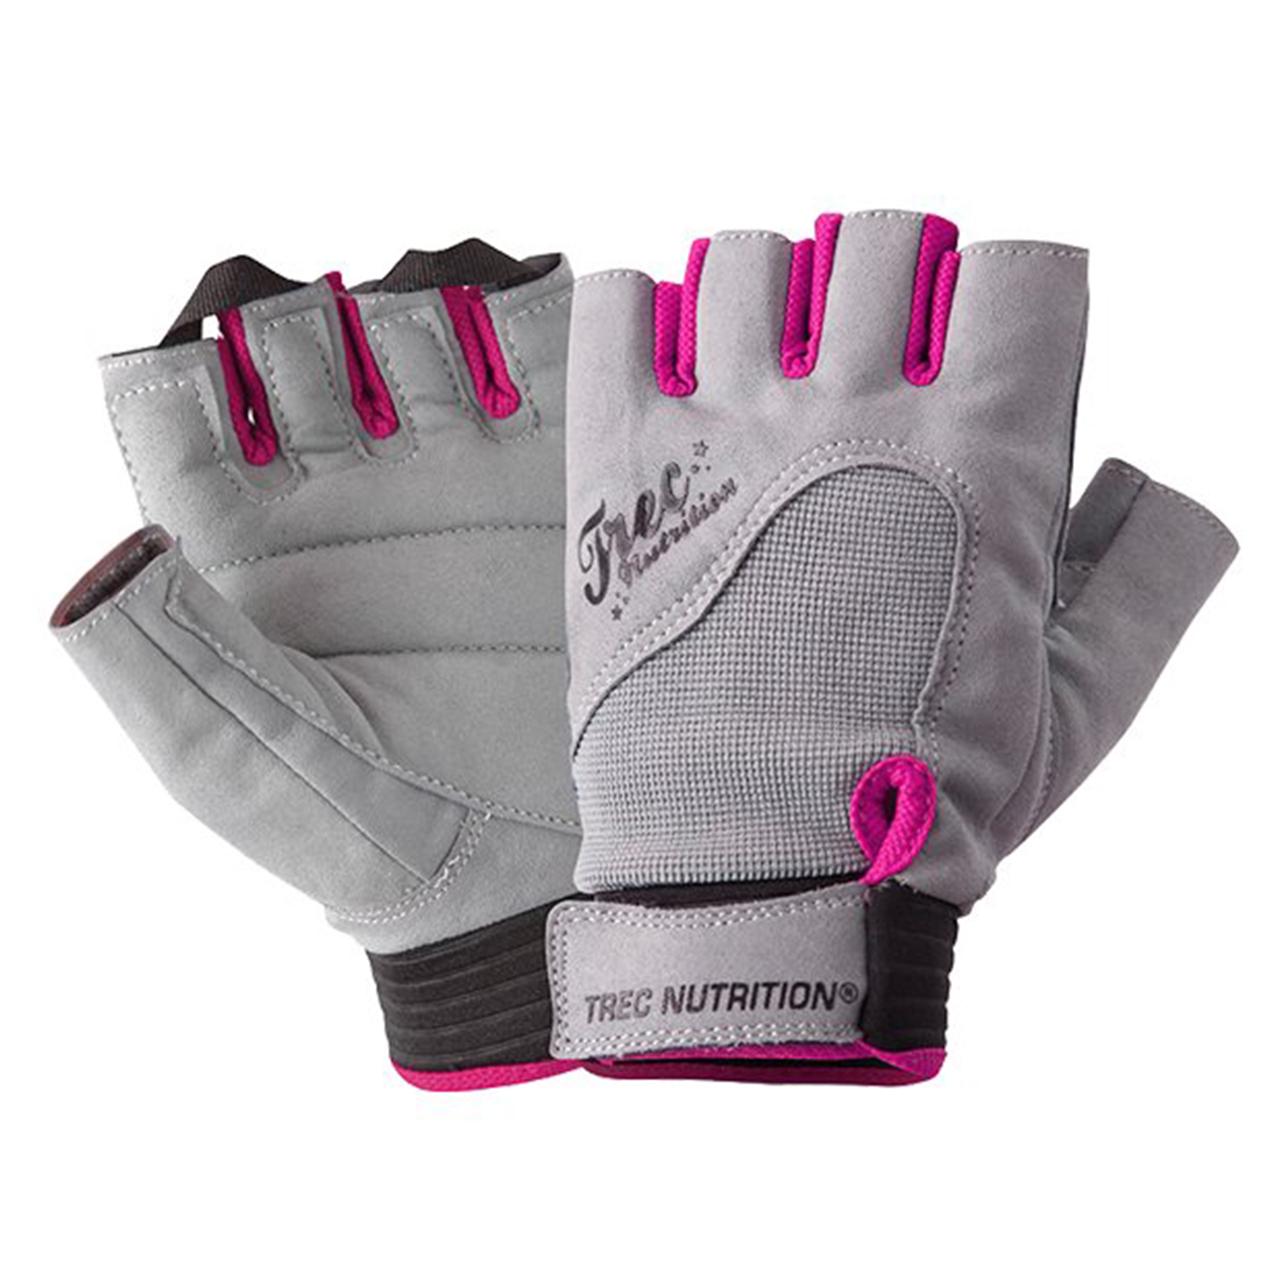 دستکش بدنسازی زنانه ترک نوتریشن مدل LG2 سایز M